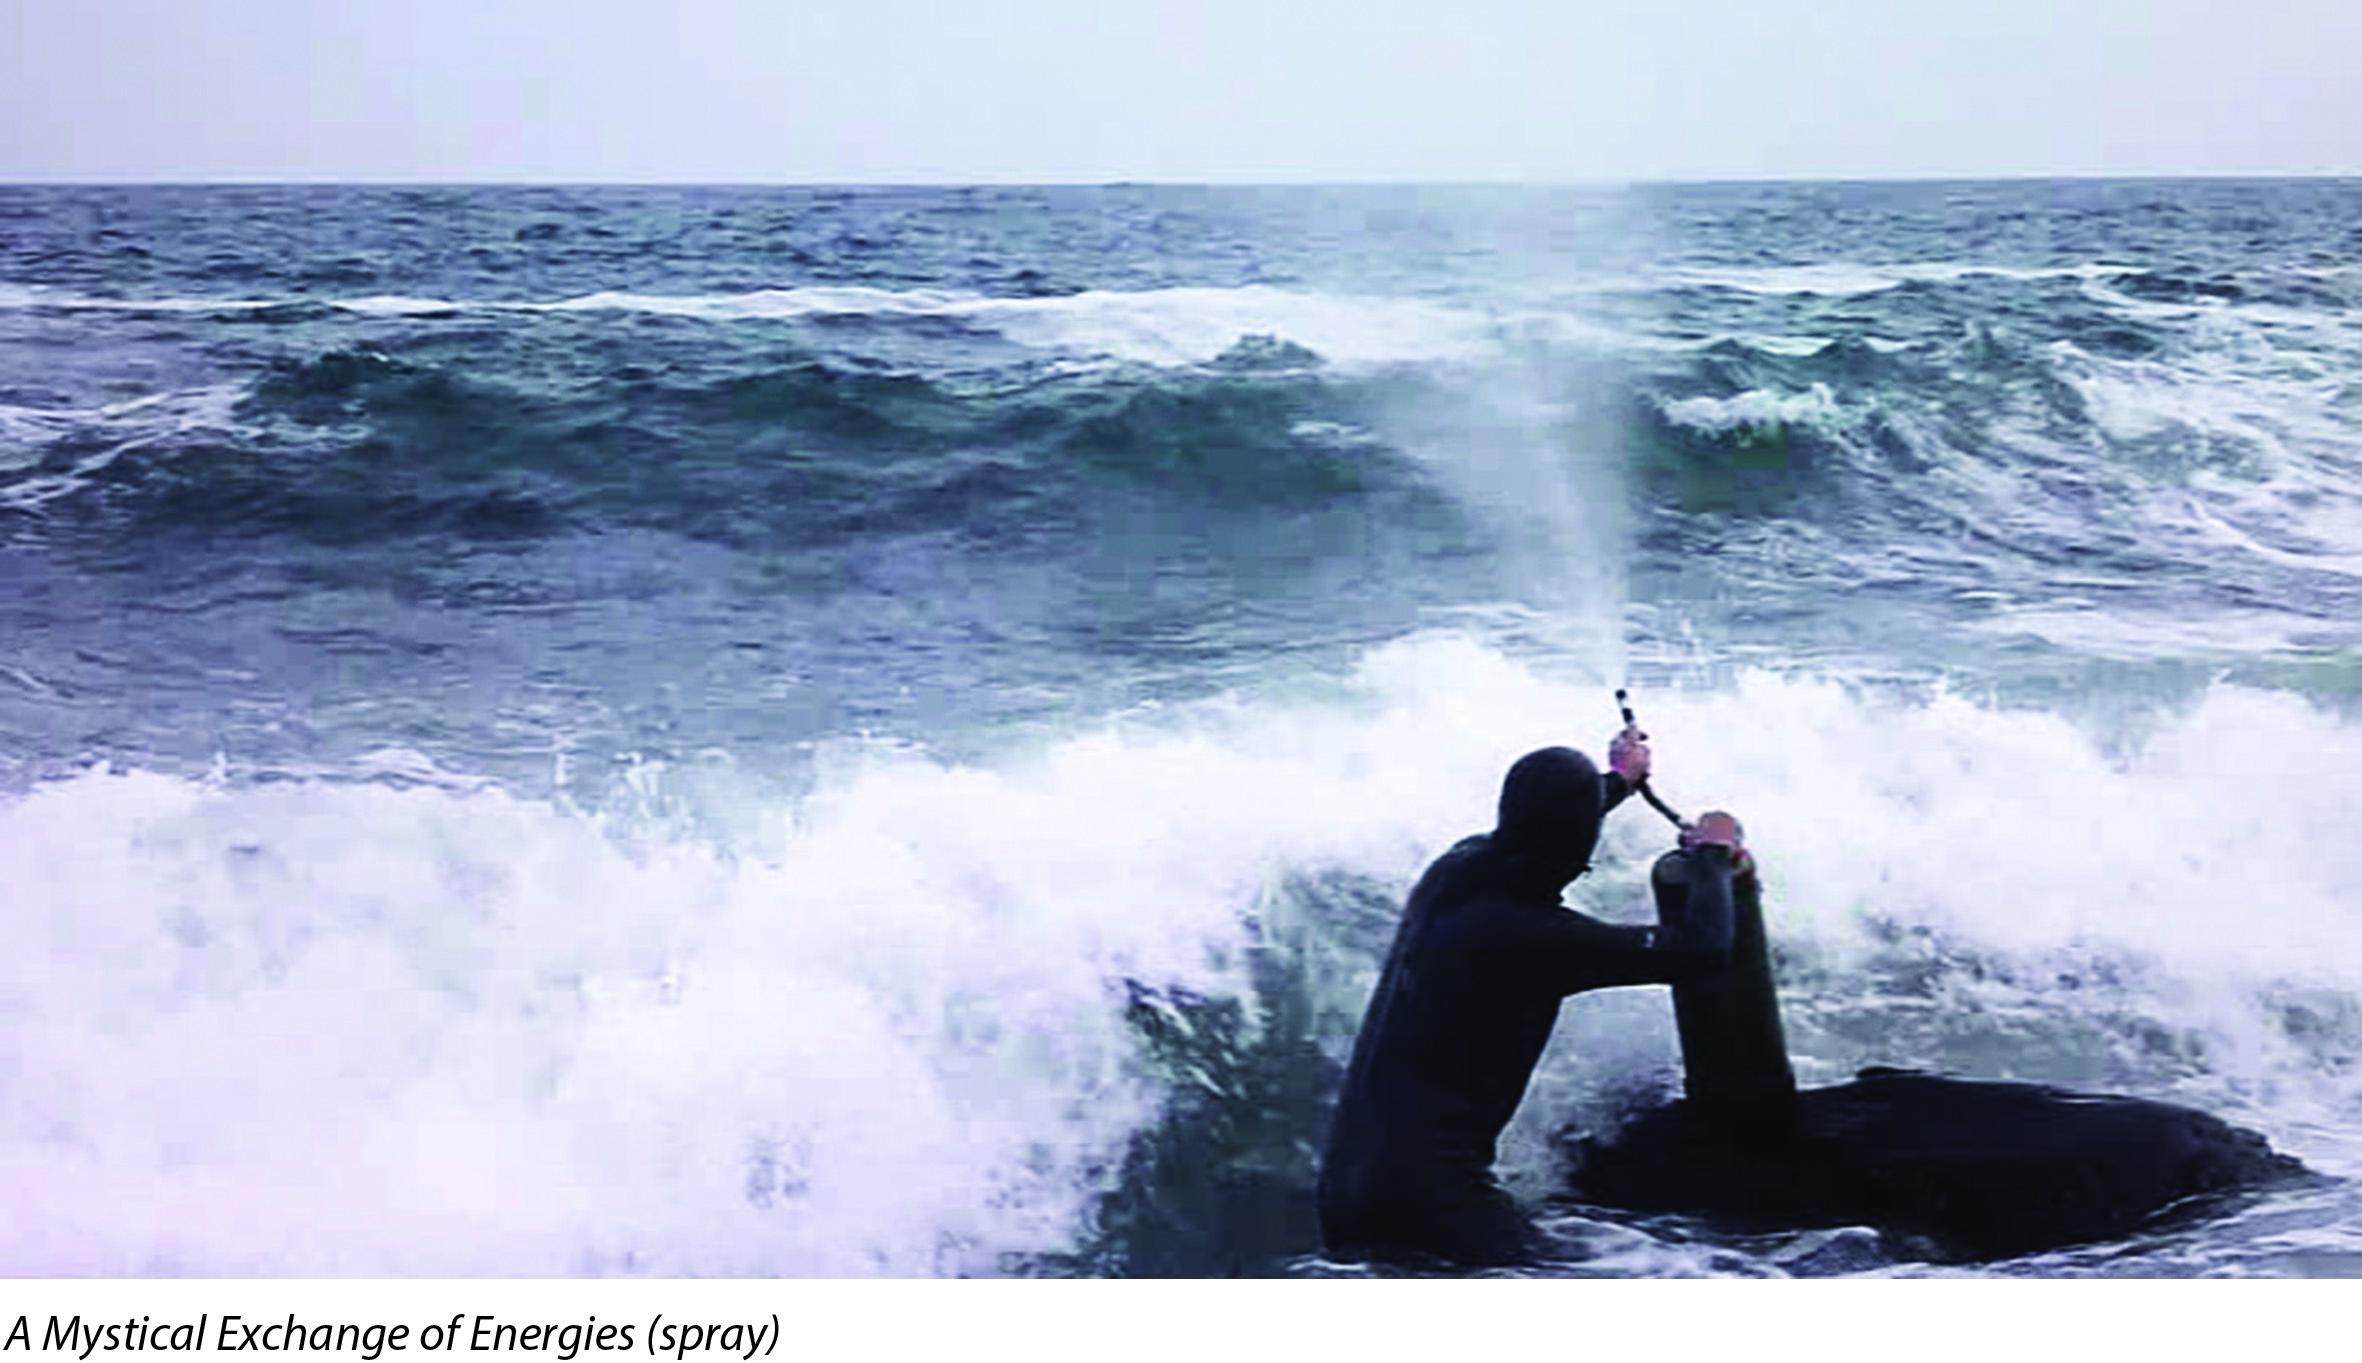 A Mystical Exchange of Energies spray.jpg